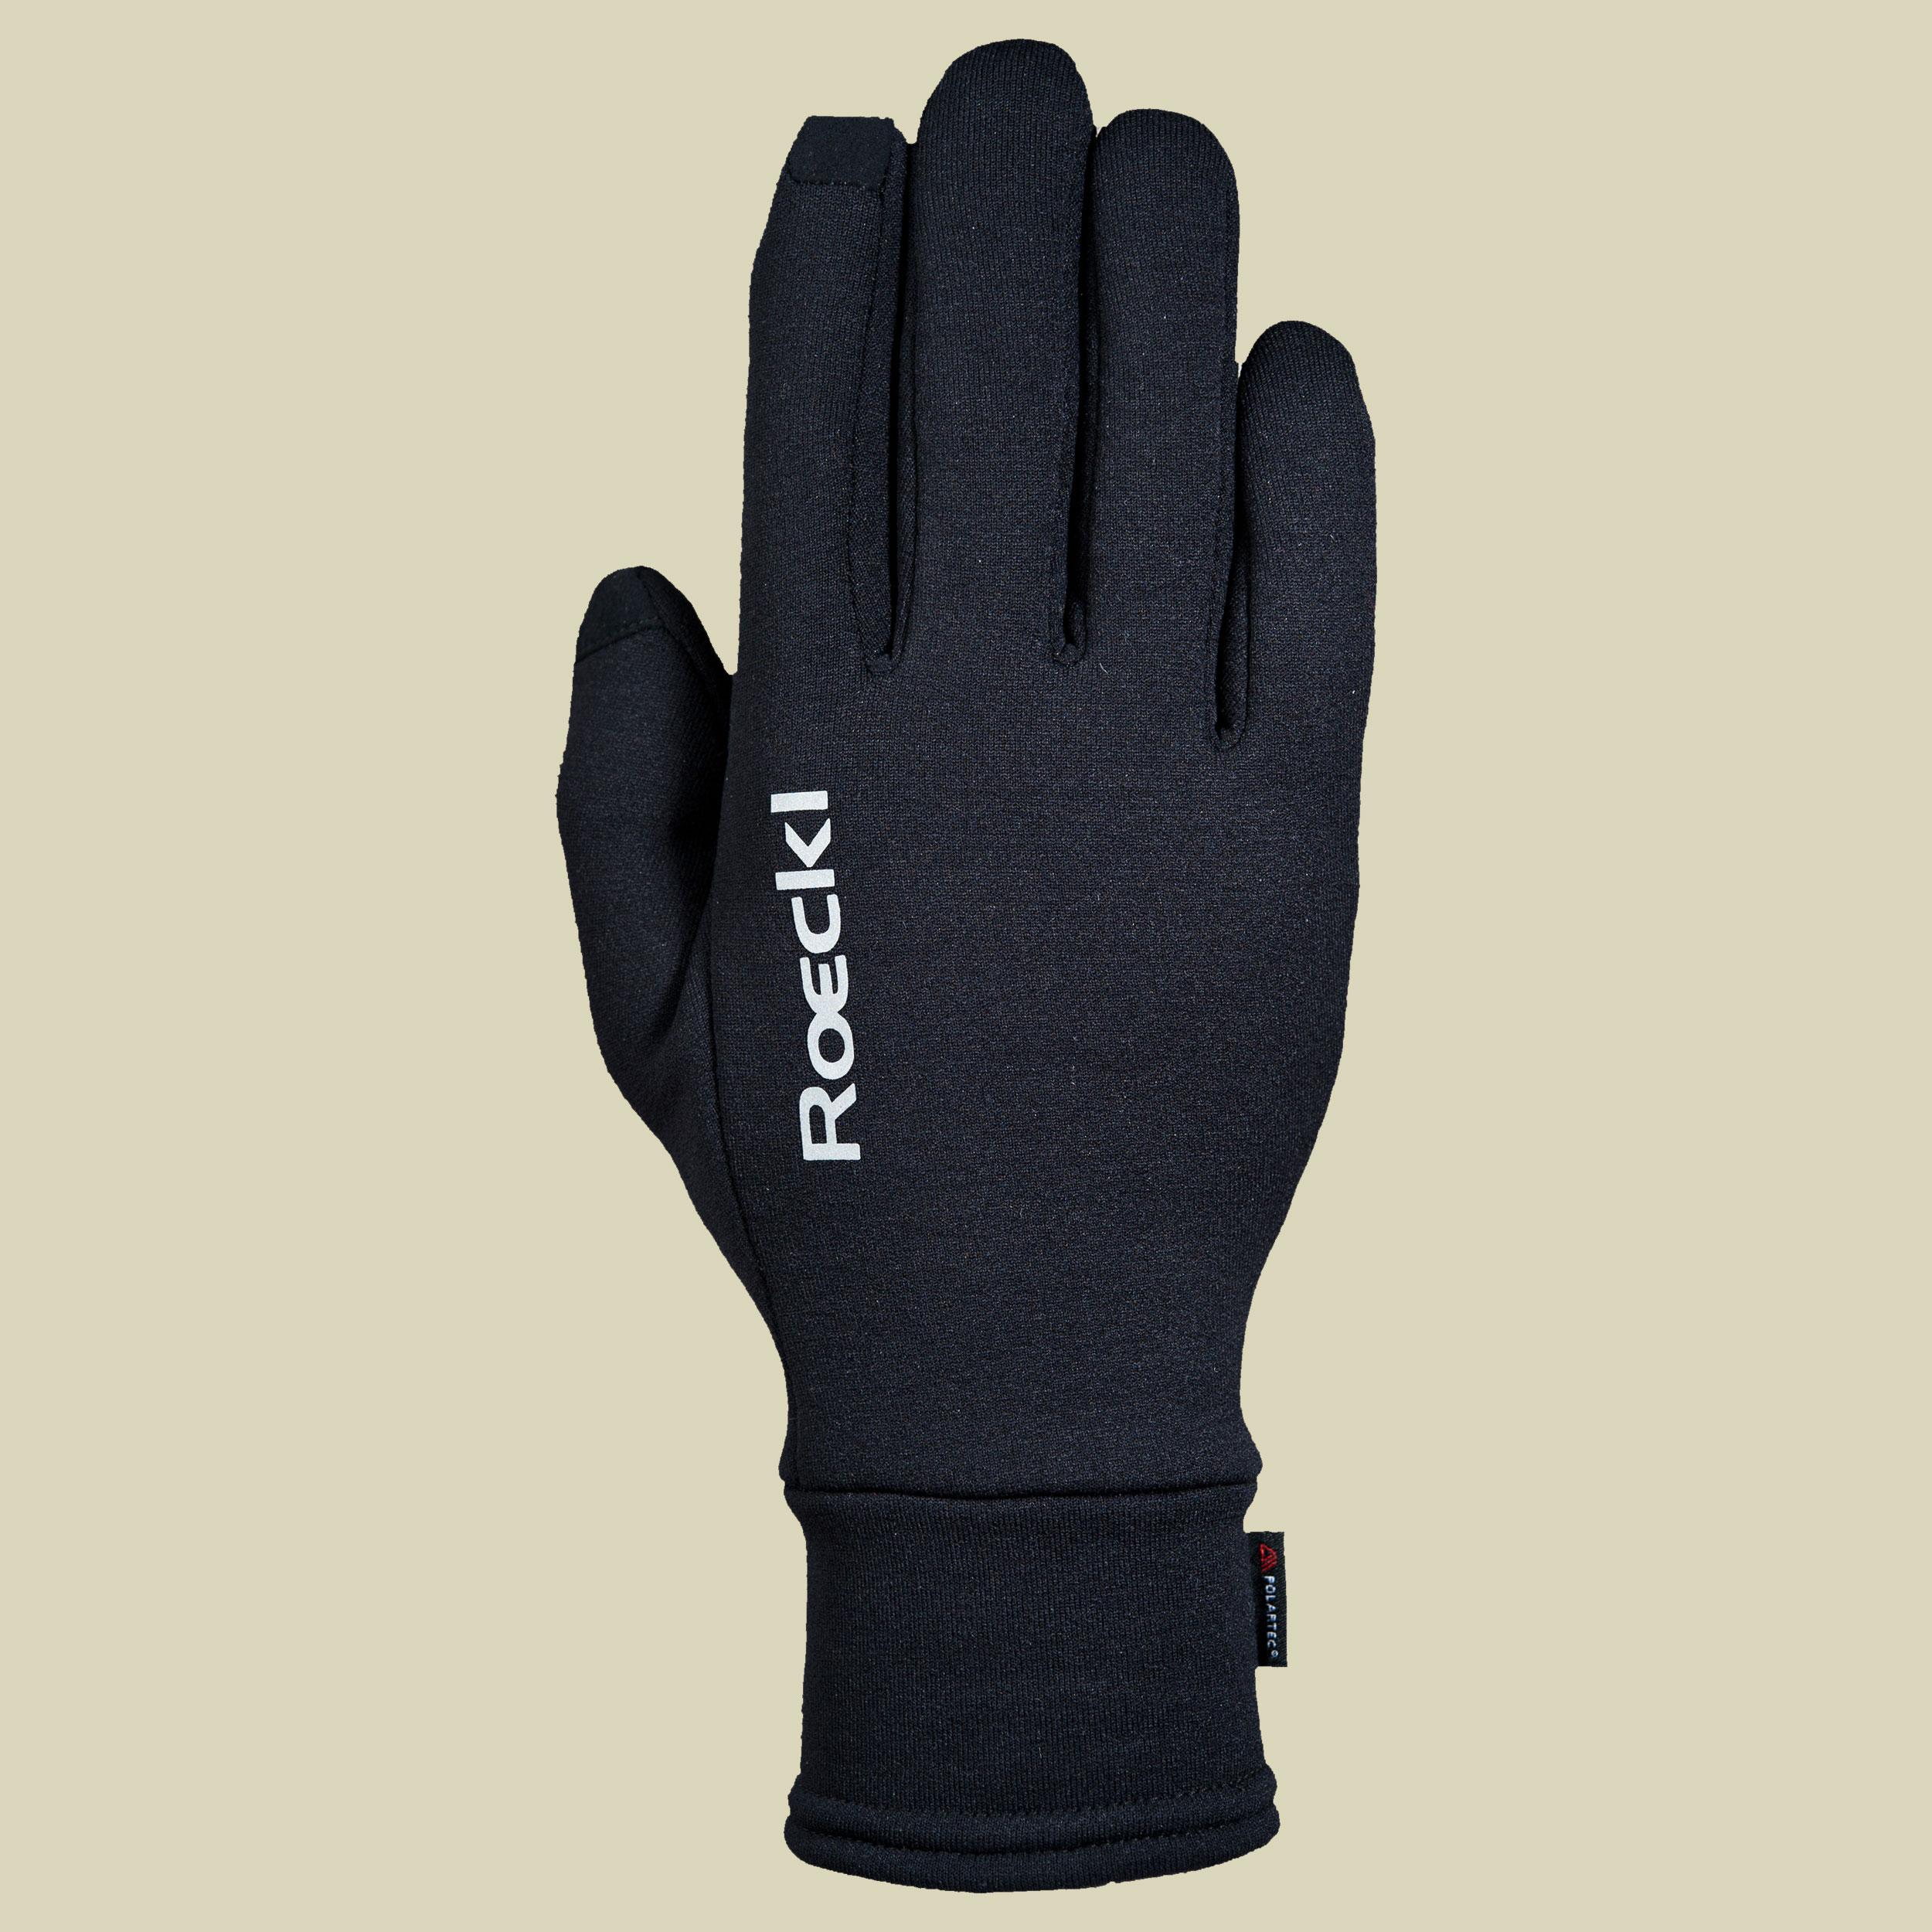 Roeckl Kailash Polartec Outdoor Outdoor Handschuhe Unisex Größe 6,5 schwarz